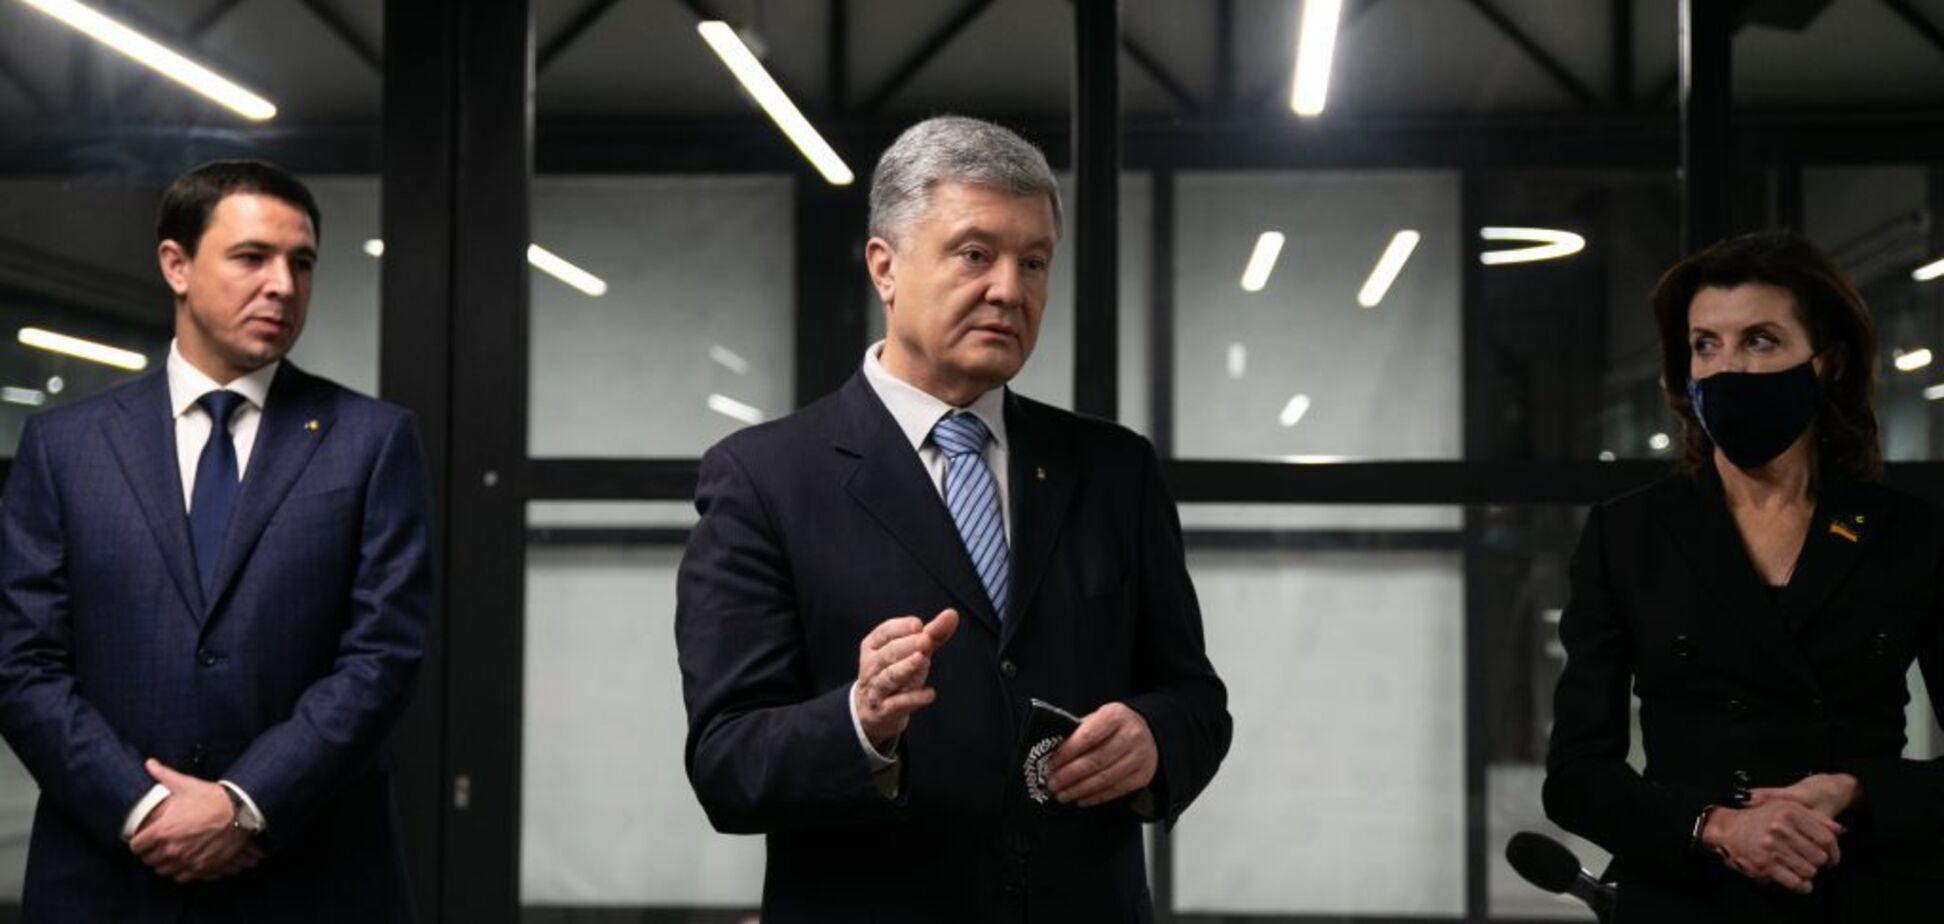 Порошенко поздравил фракцию 'ЕС' с началом работы в Киевсовете